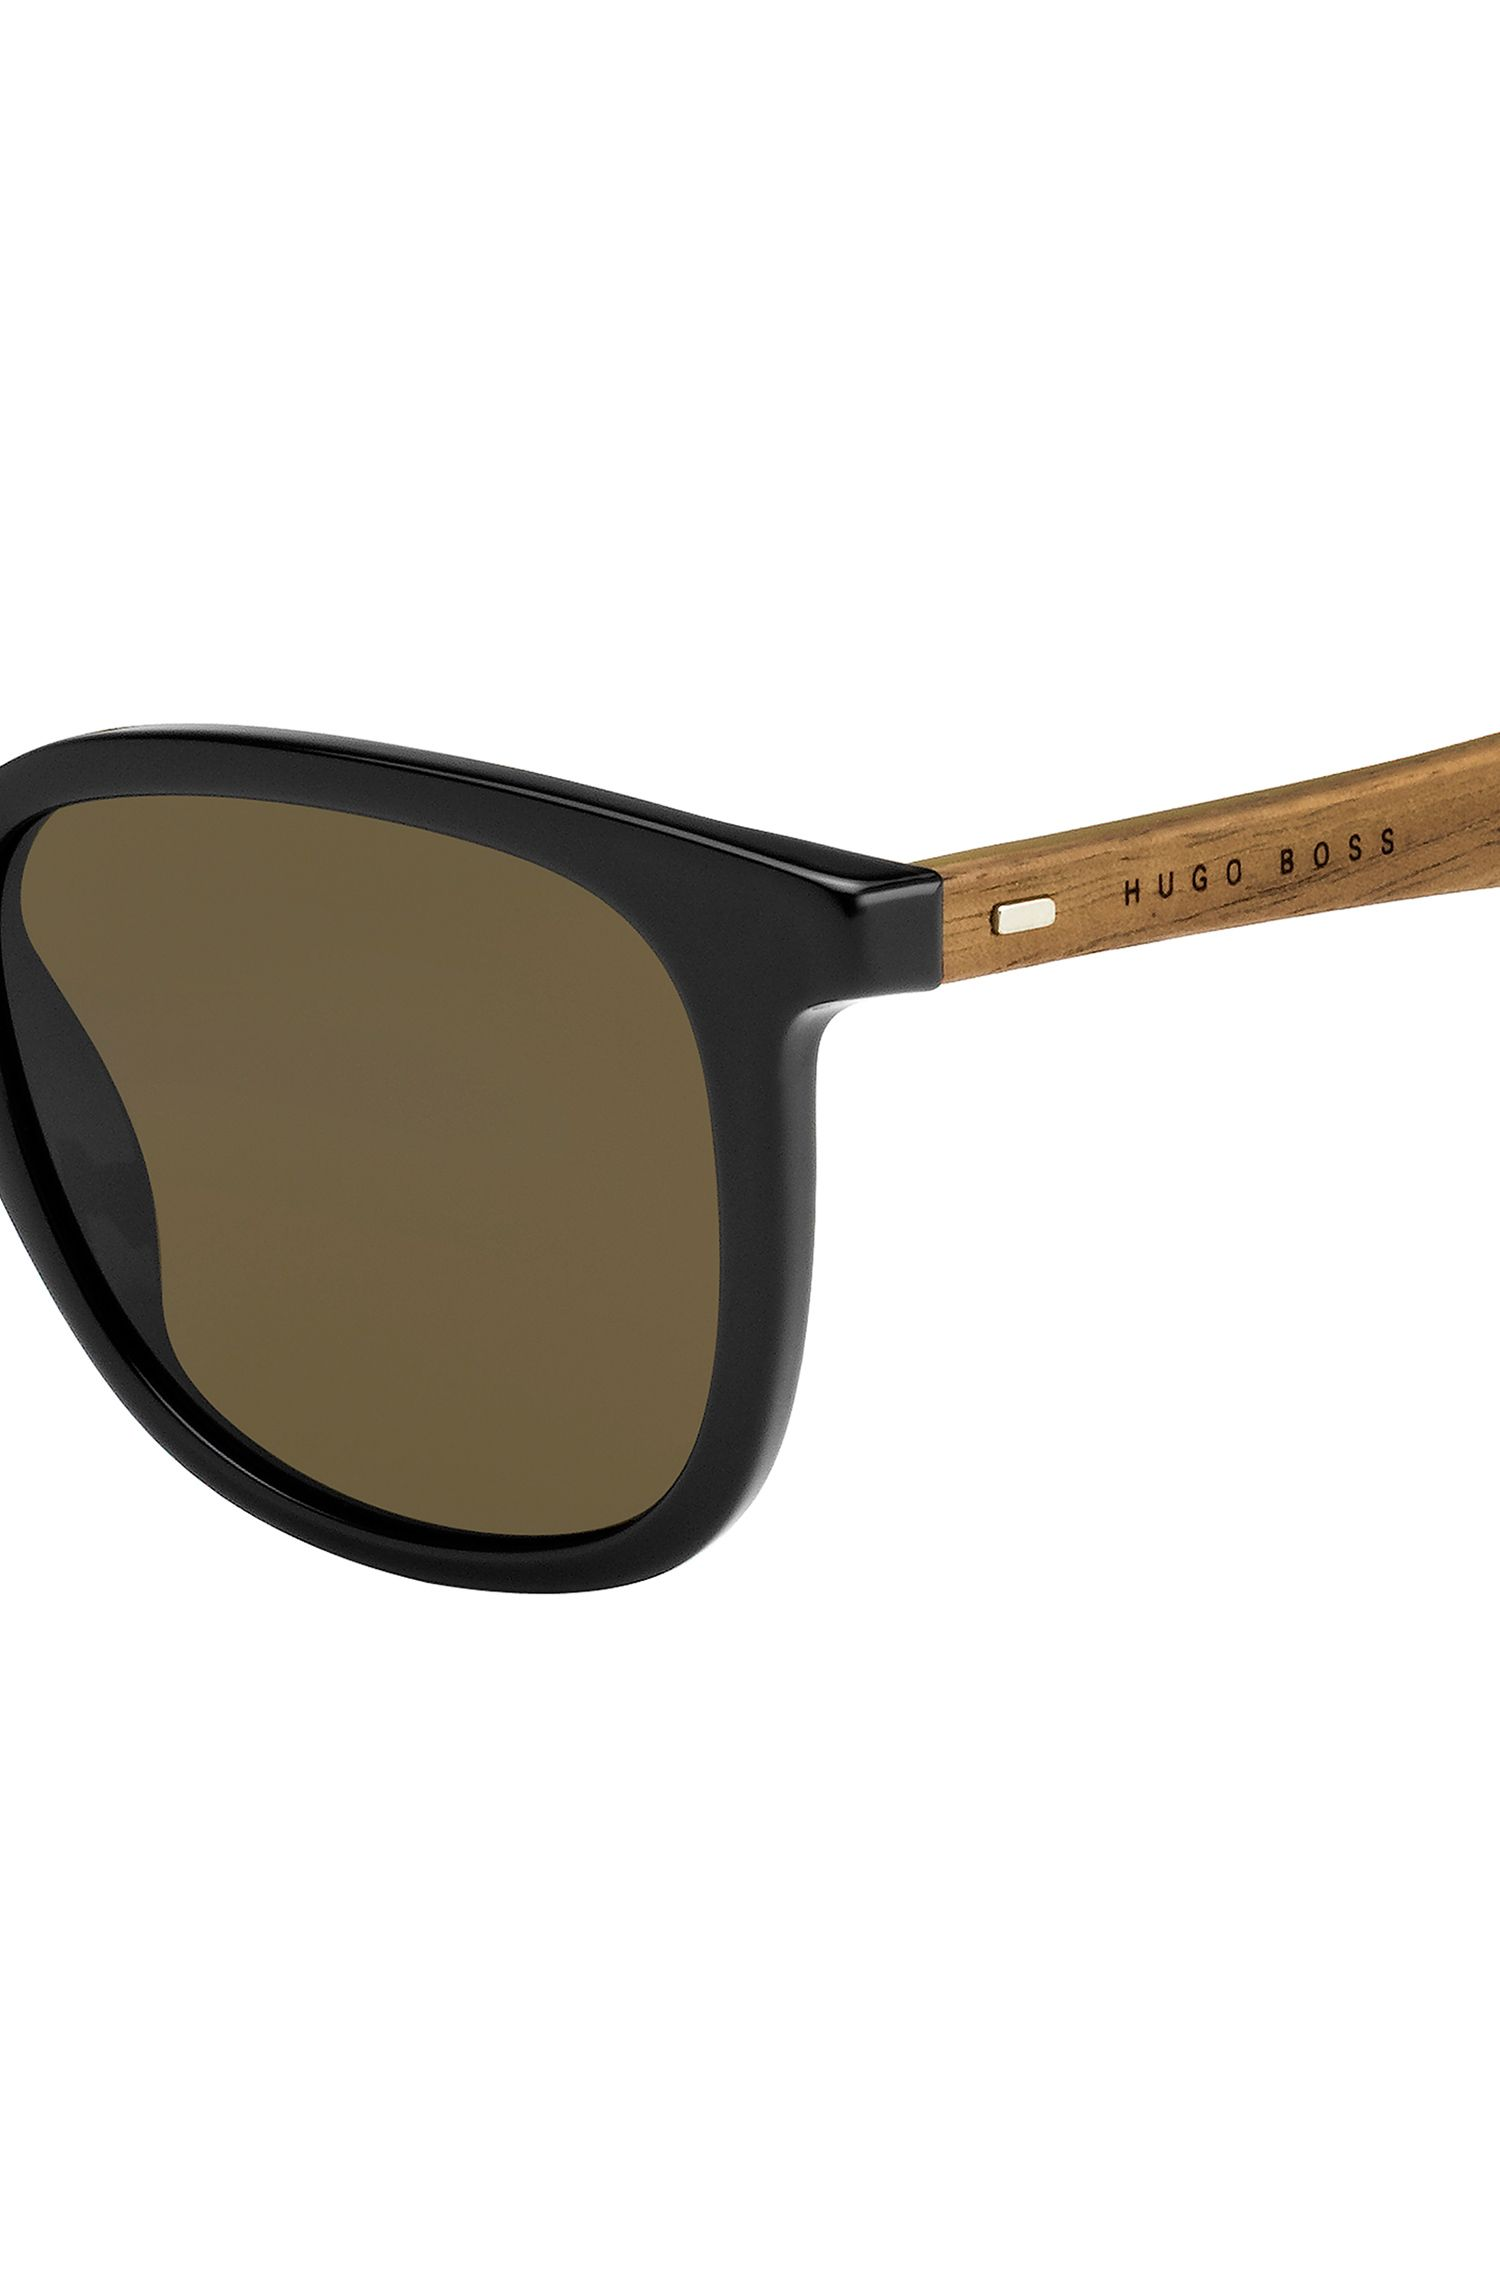 Wood Acetate Round Sunglasses | BOSS 0843S